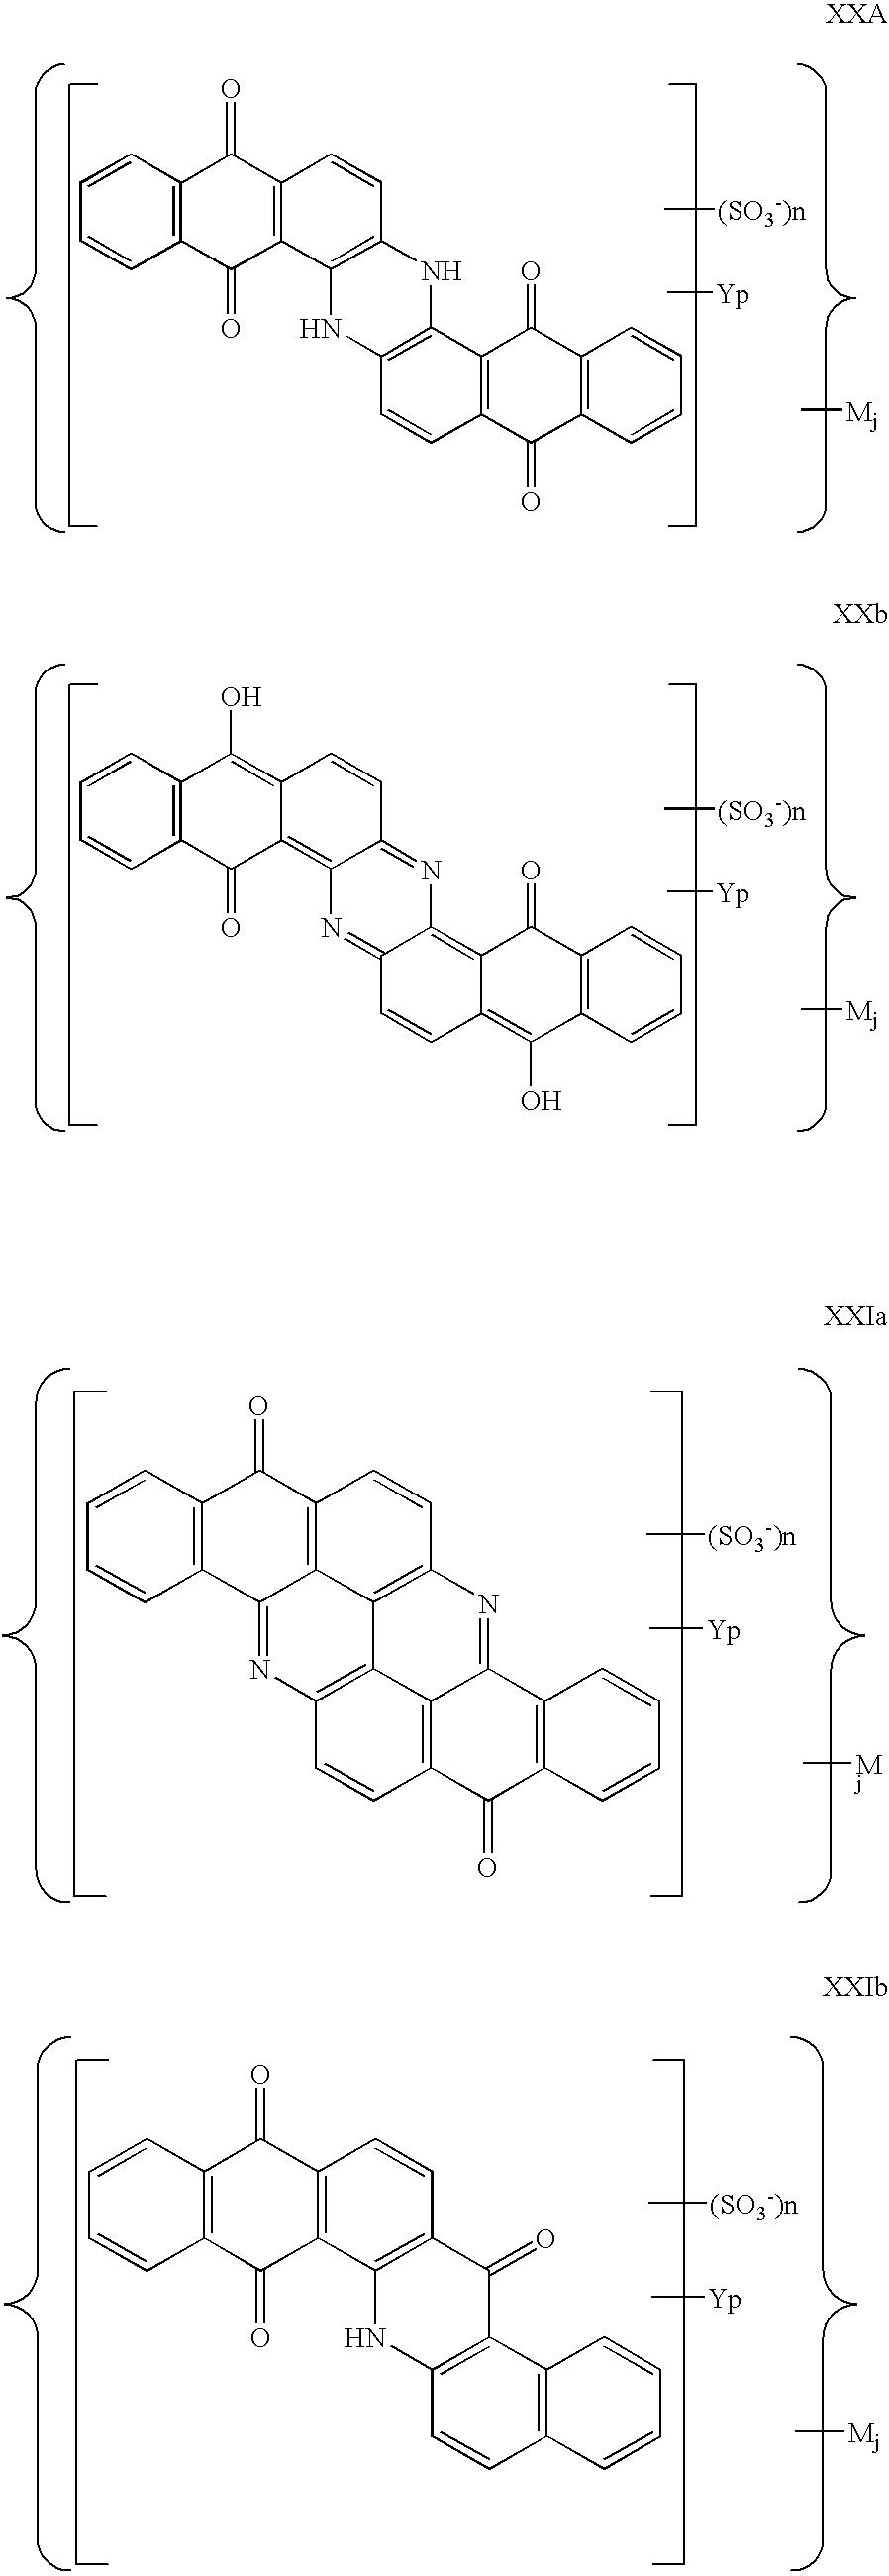 Figure US20050104027A1-20050519-C00033